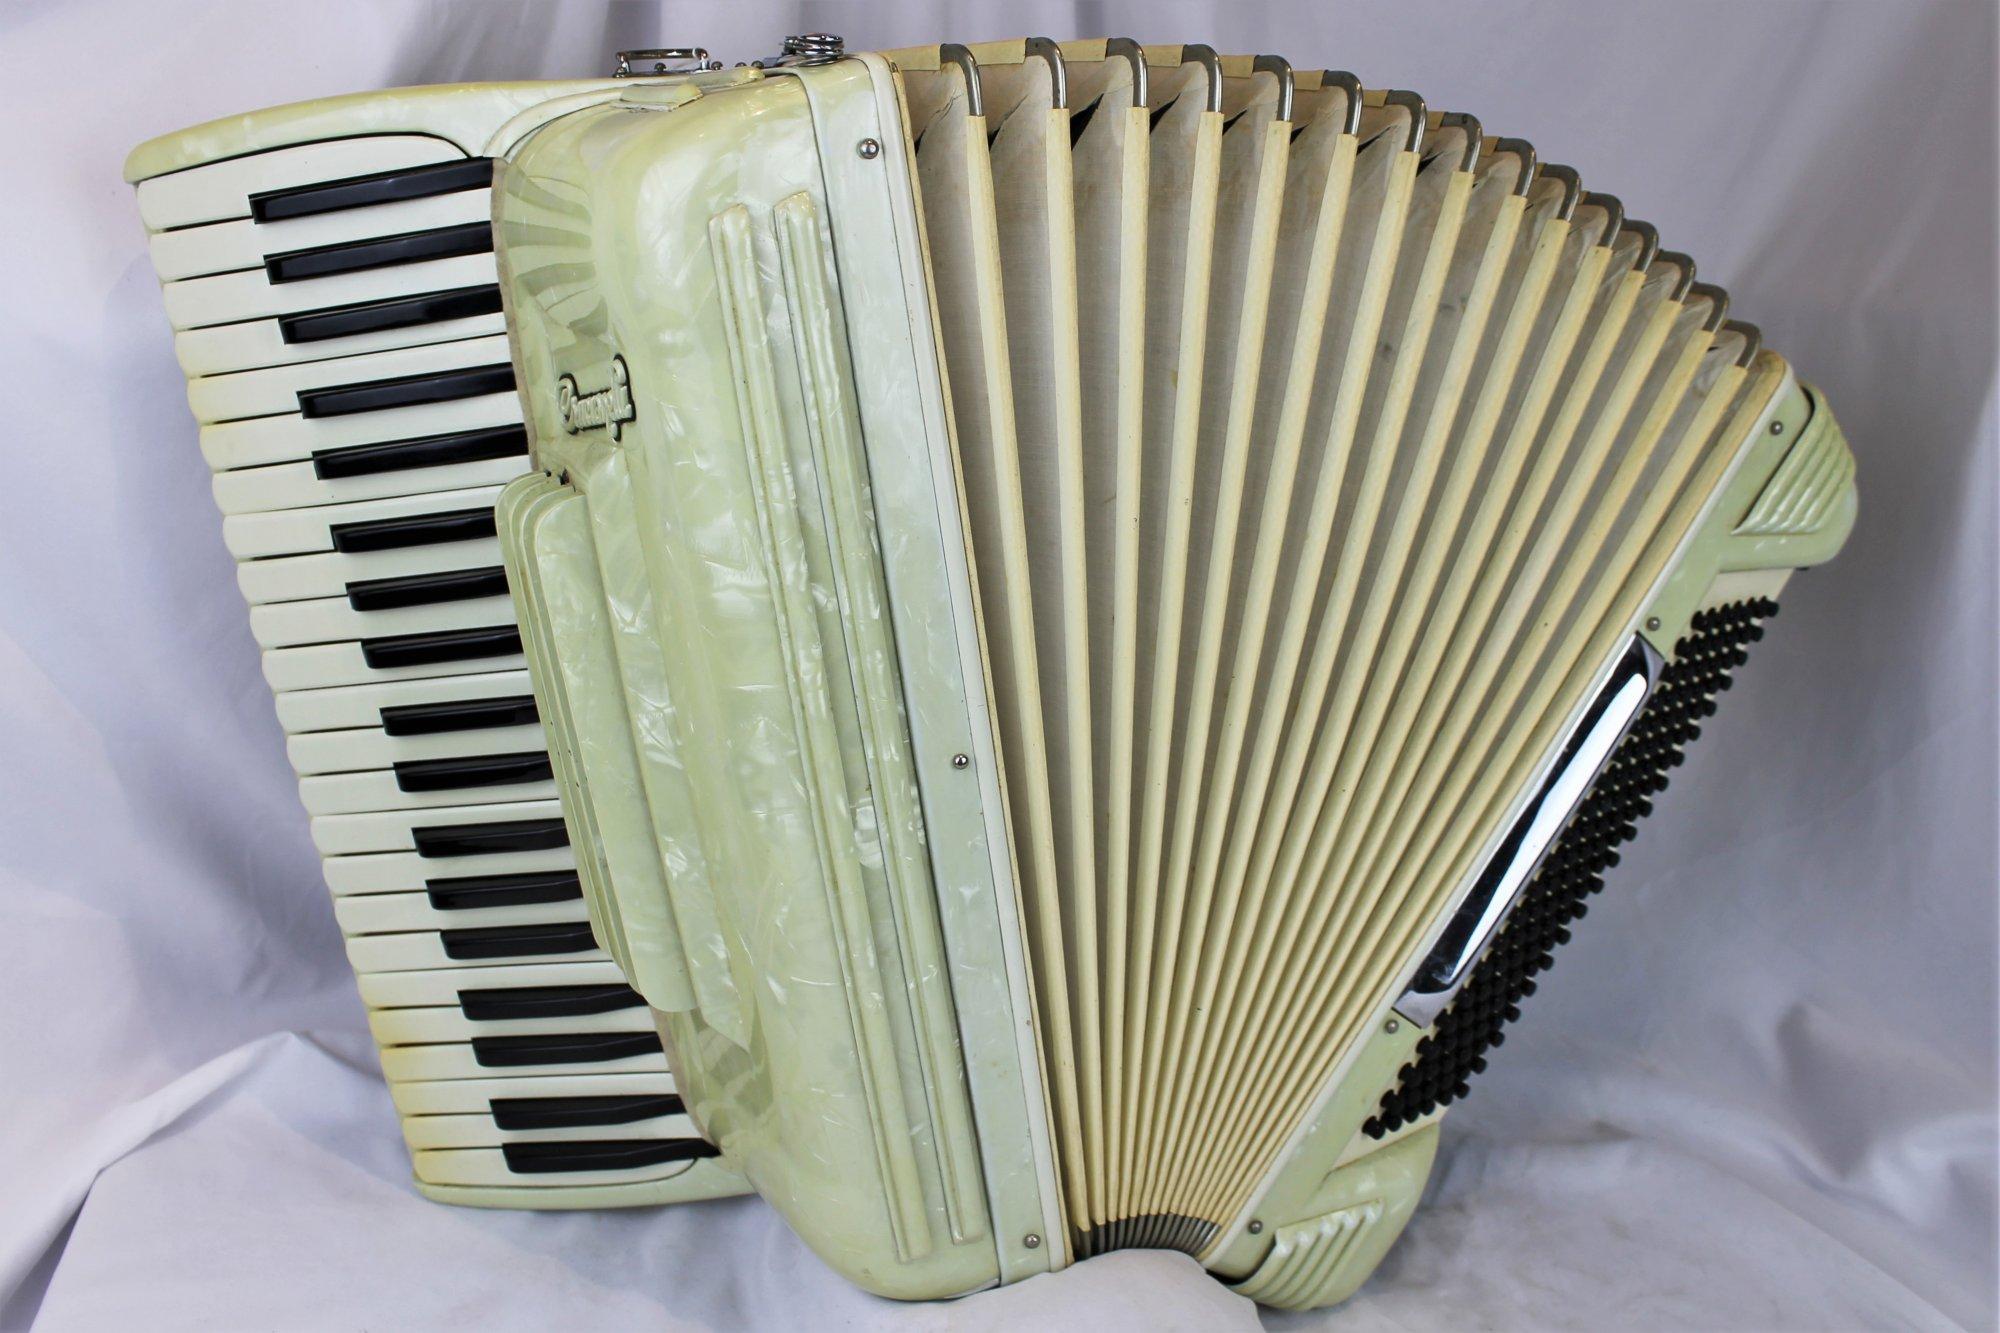 4392 - Cream Crucianellli Piano Accordion LMH 41 120